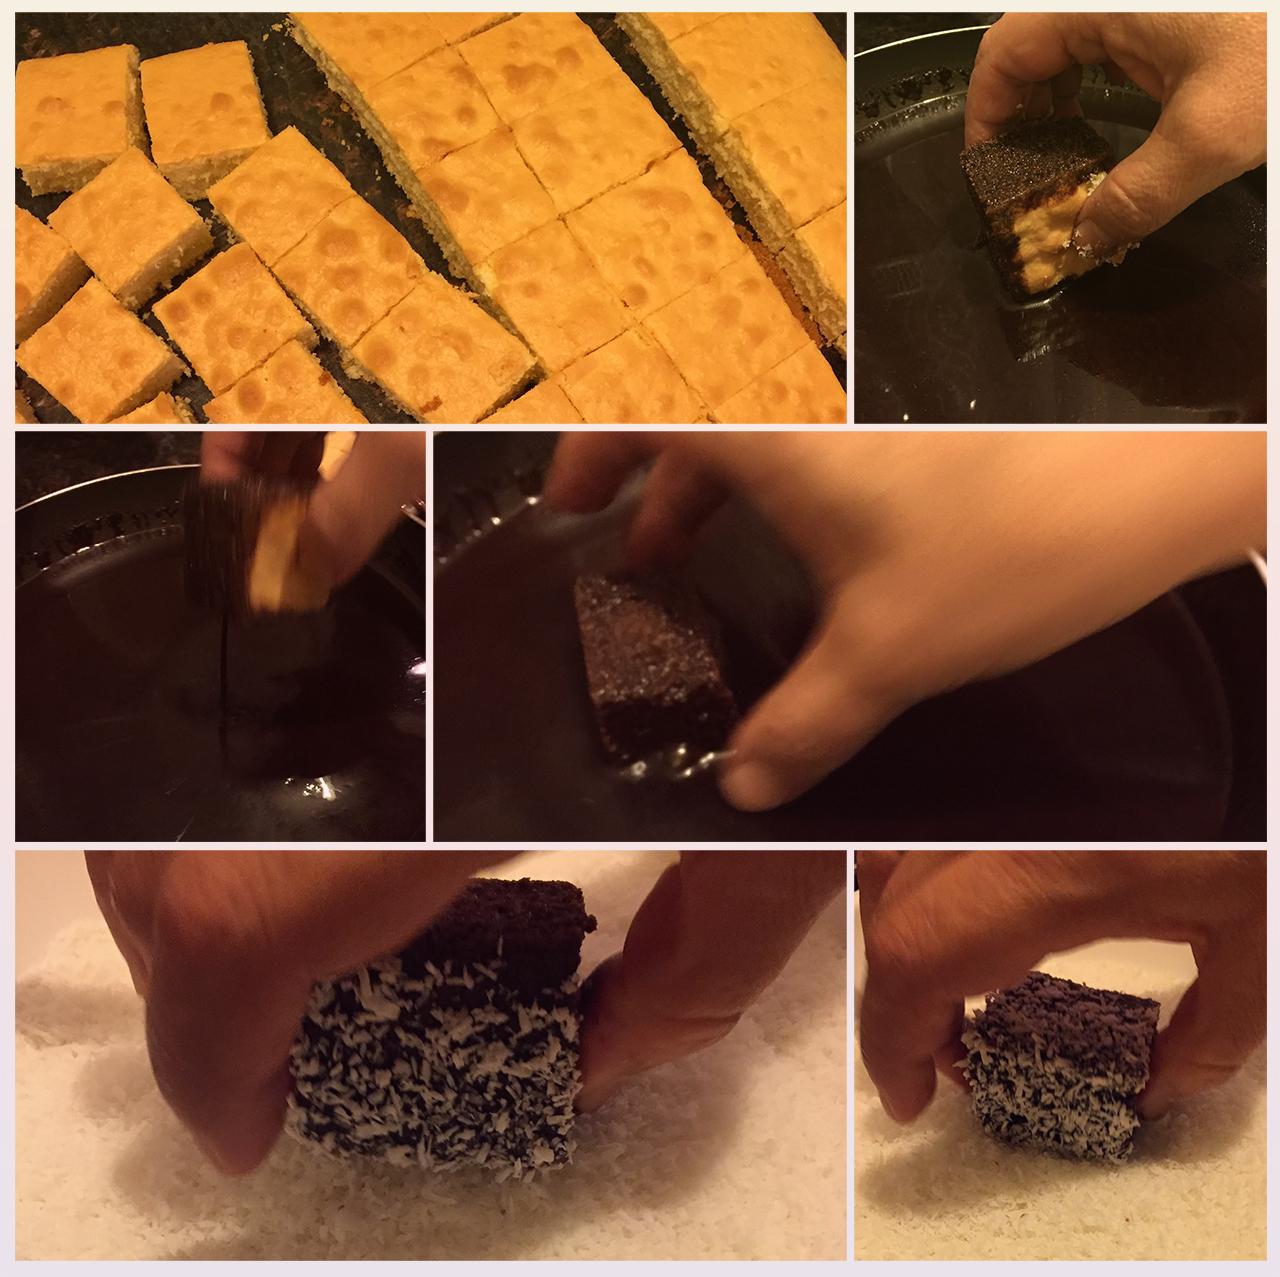 lokum kek yapım aşamaları